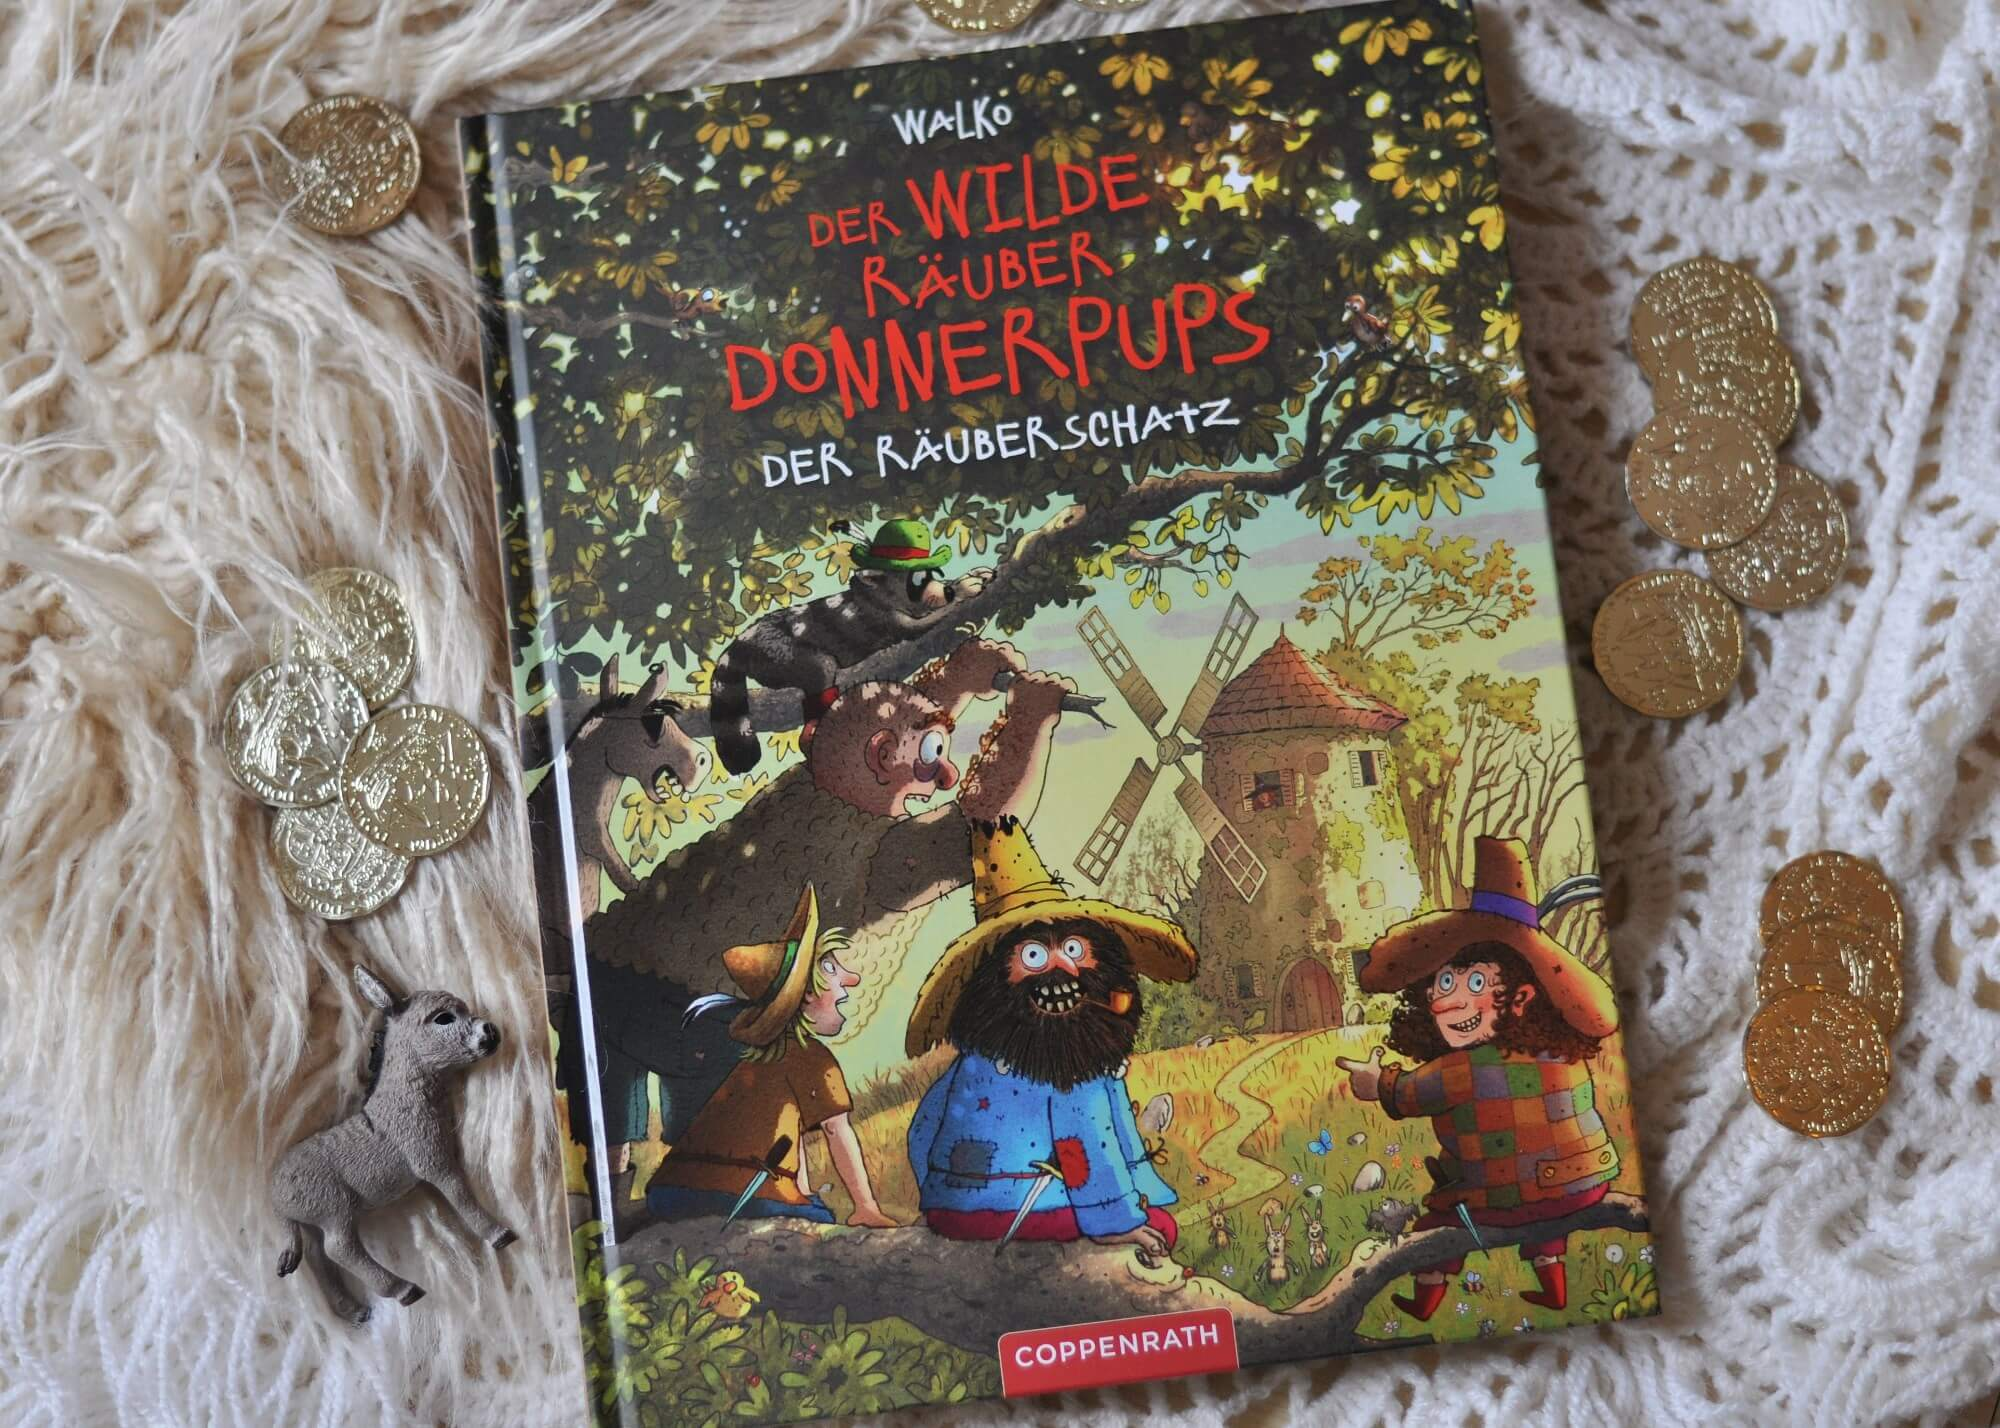 Eine Räubergeschichte von einem echten Schatz und die Freude am Teilen für Kinder ab 4 Jahren. Mit Buch im Buch. #räuber #donnerpups #lesen #vorlesen #räuberbande #bilderbuch #kinderbuch #teilen #goldschatz #schatzsuche